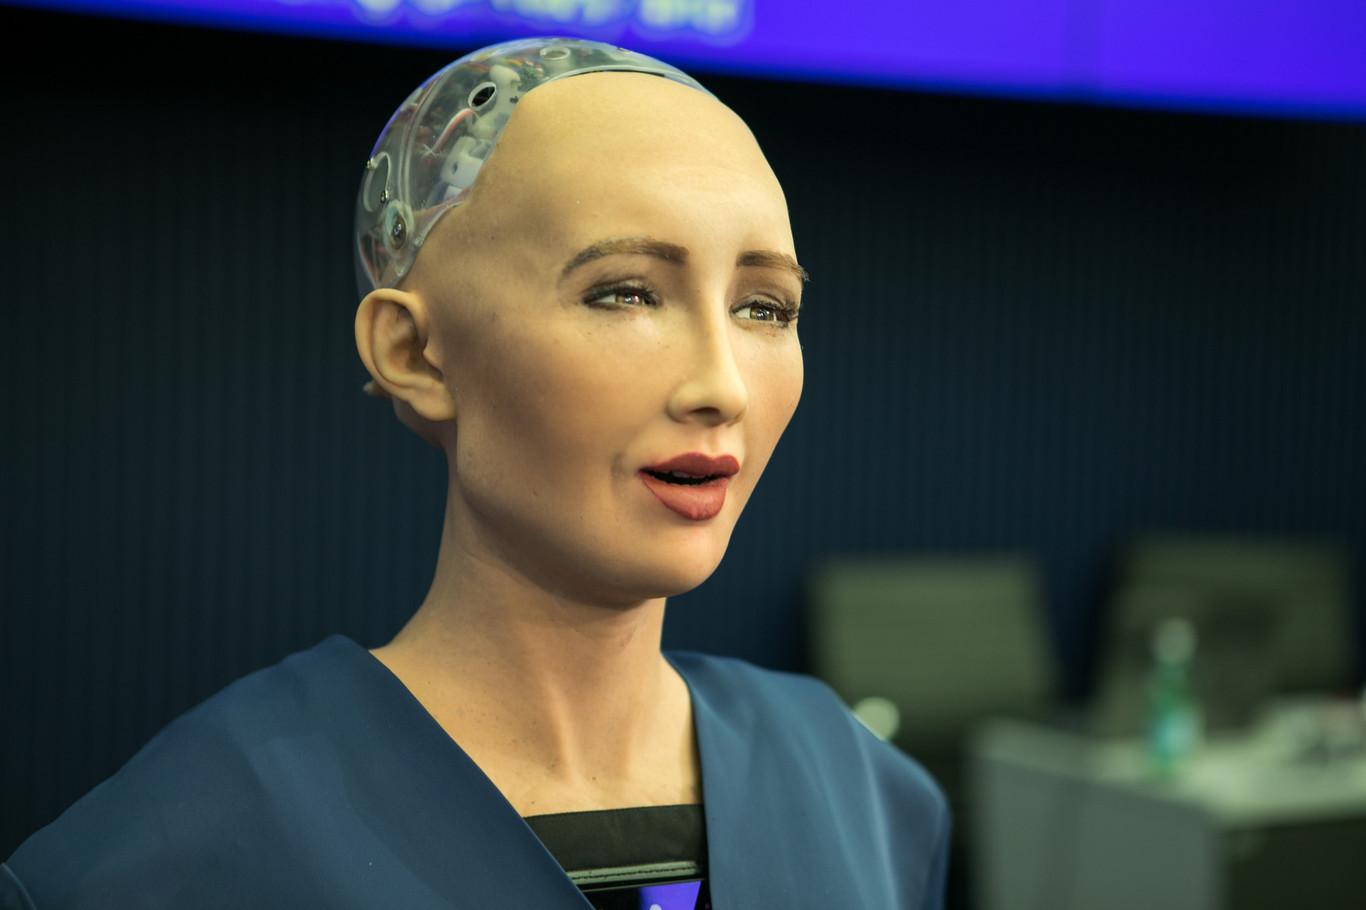 Sophia el robot con Inteligencia Artificial